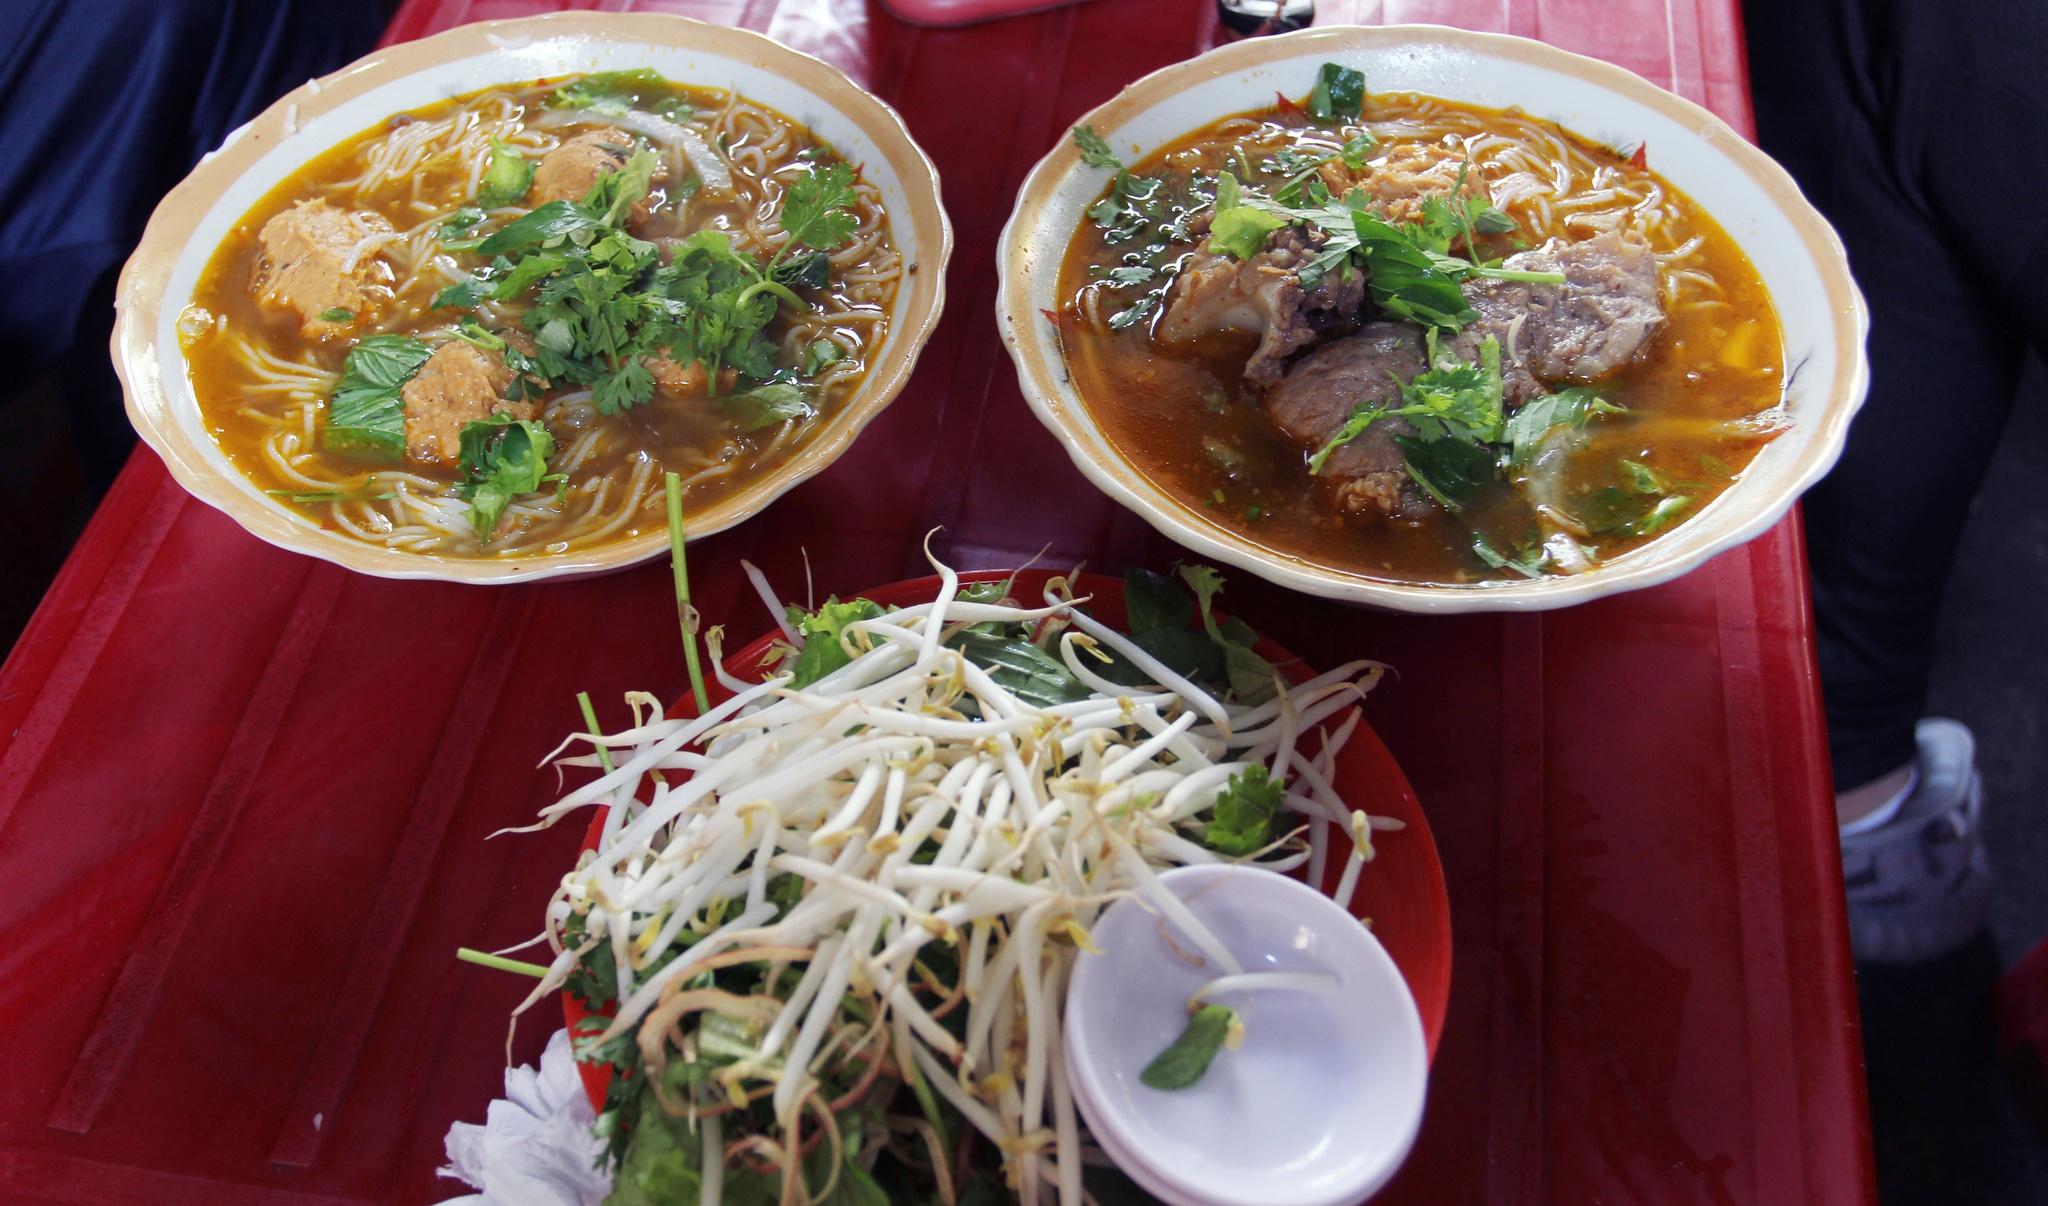 Quán bún Huế giữa lòng Sài Gòn bán 1.000 tô mỗi ngày, muốn ăn phải xếp hàng chờ đợi - Ảnh 1.